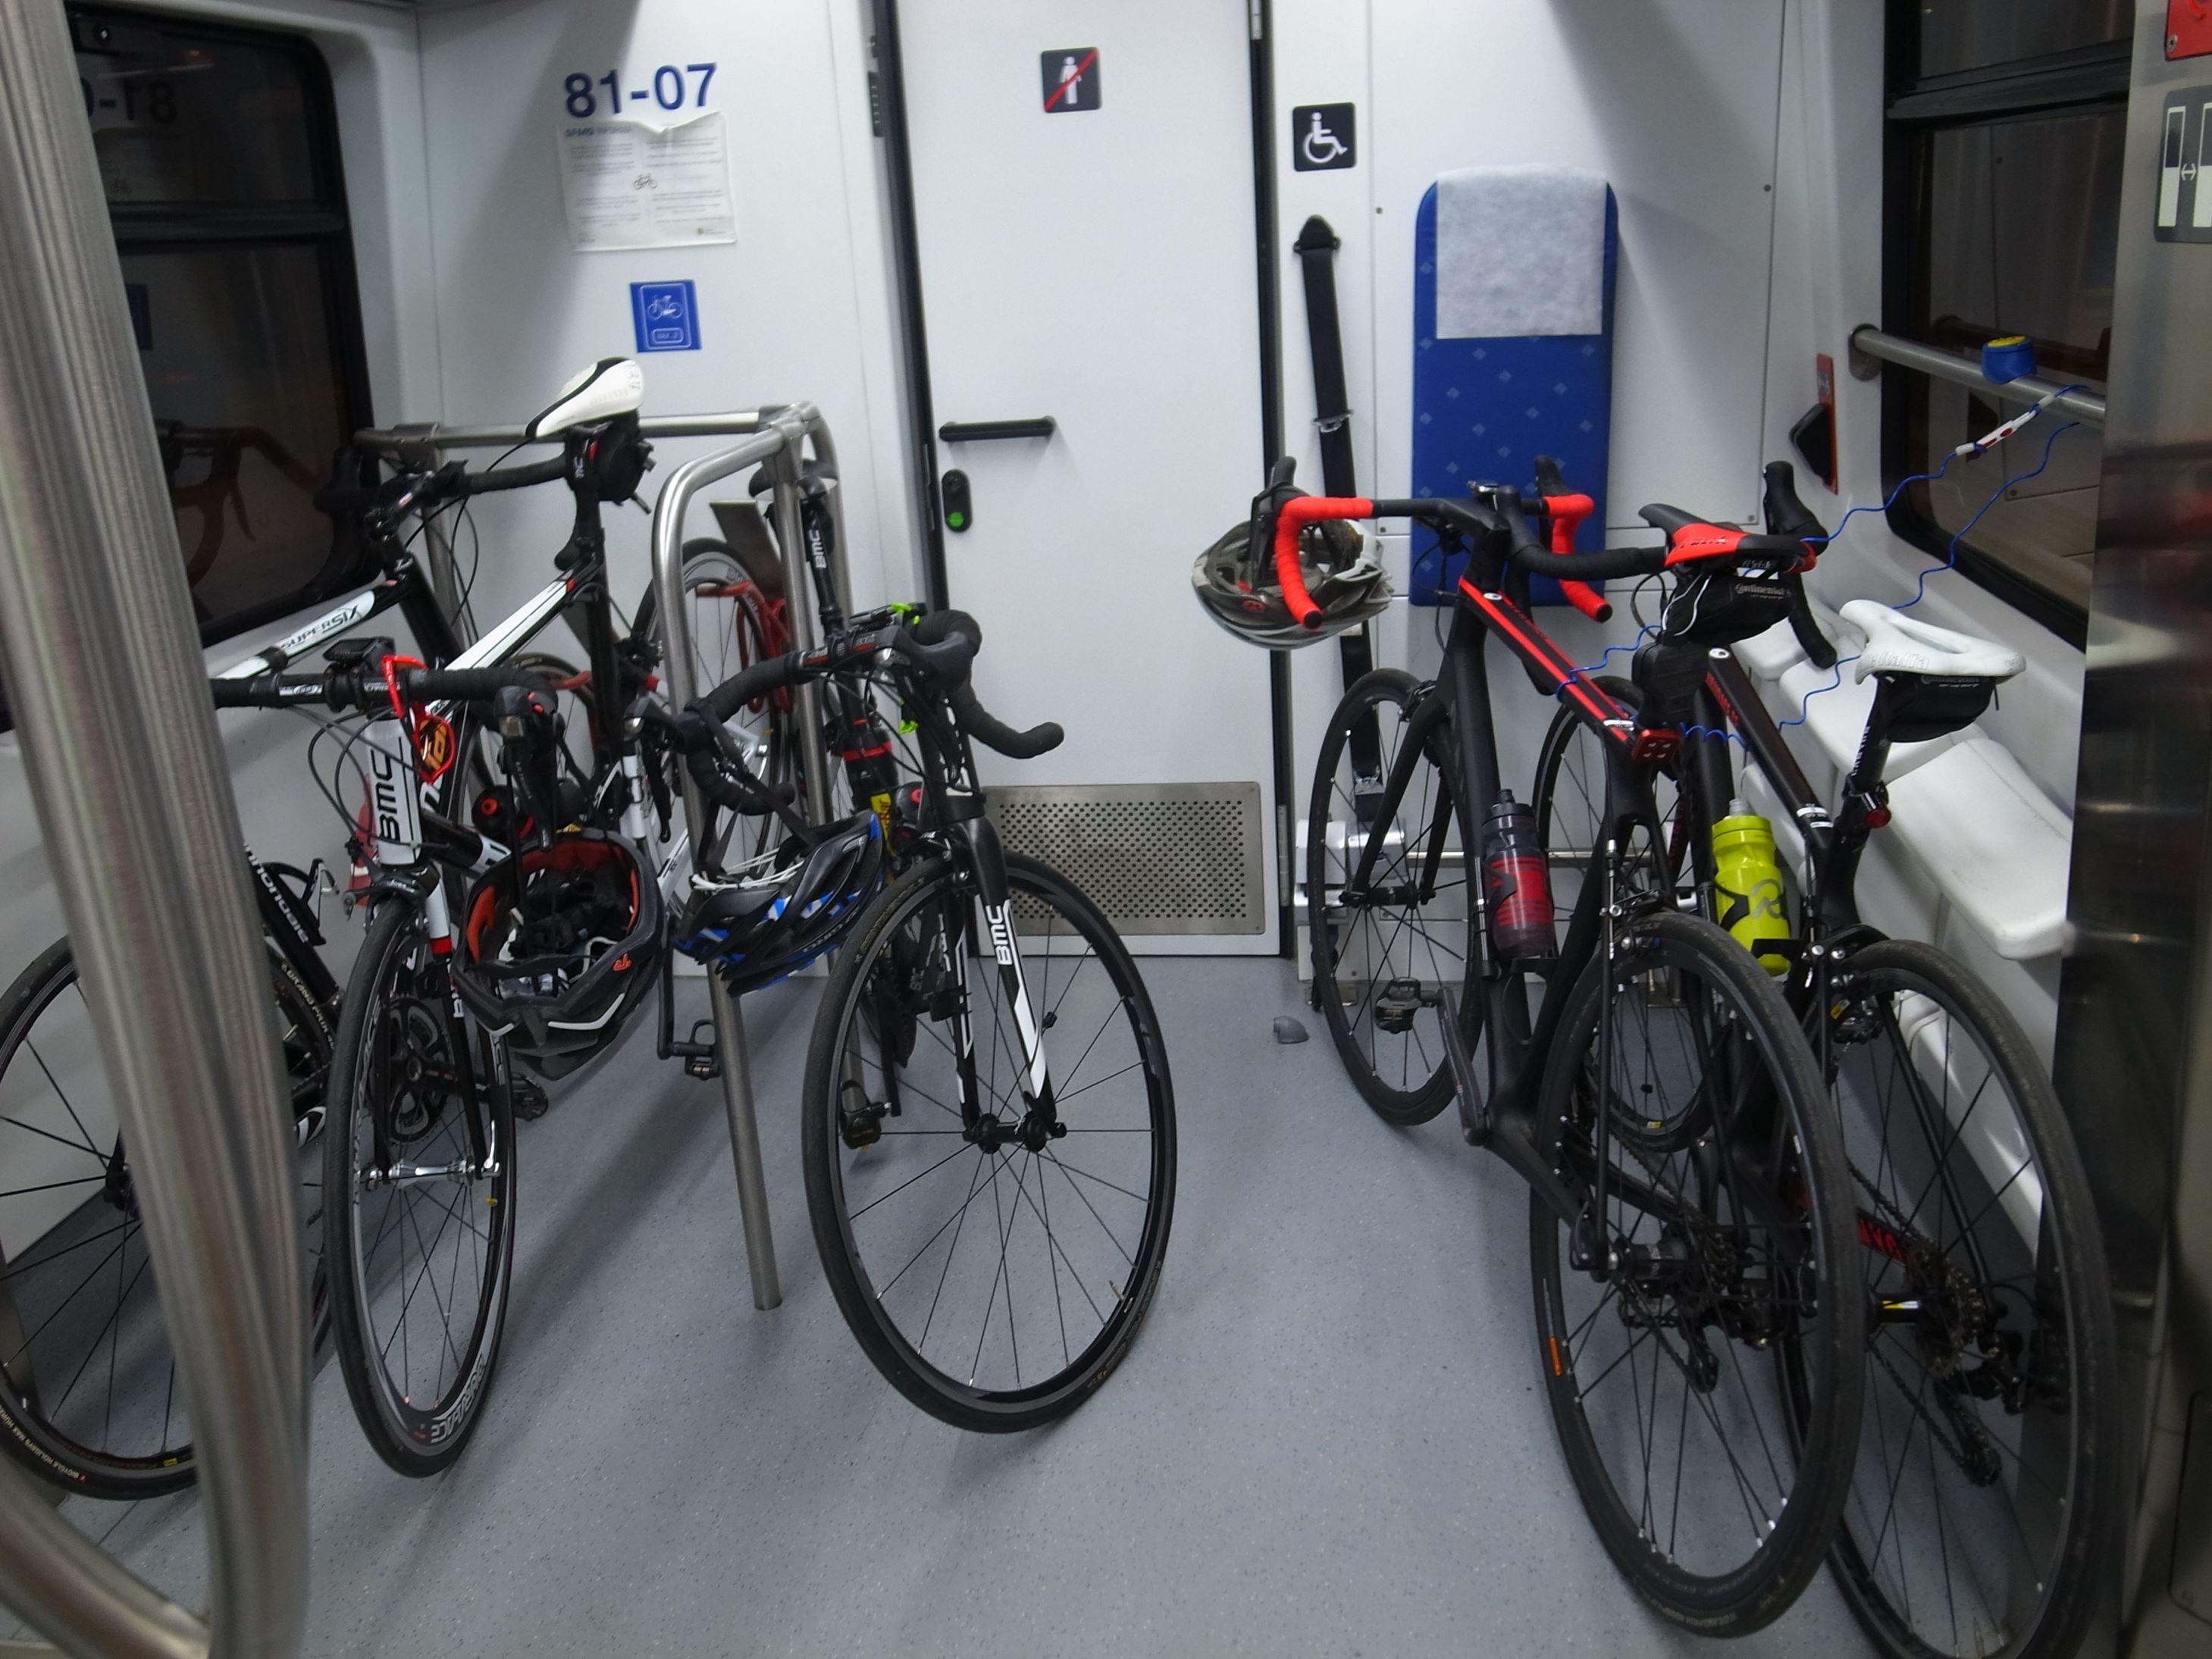 Canyon Ultimate Cf Slxと巡るMallorca(マヨルカ島) サイクリング記 その2(交通手段)